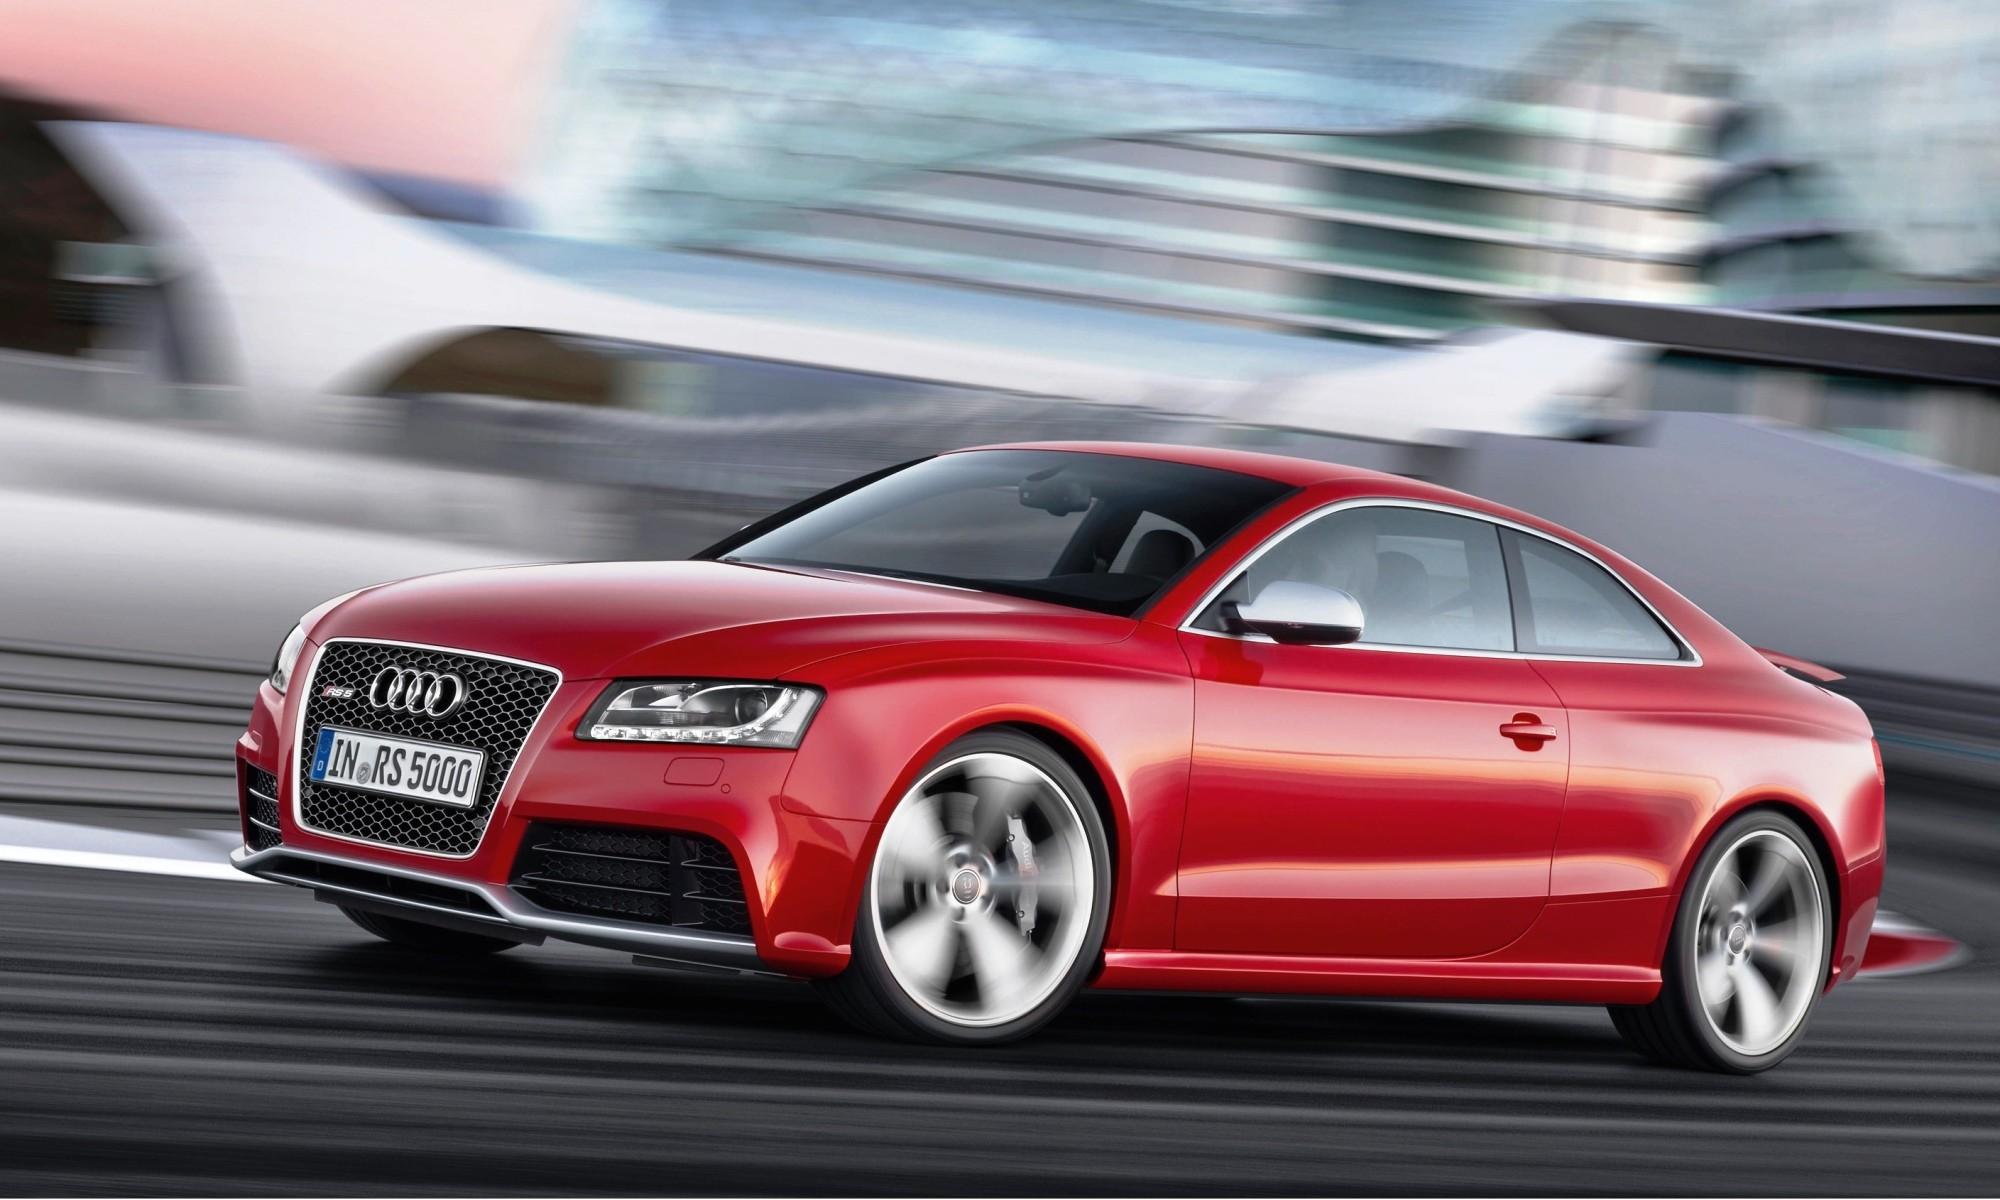 Audi RS5 Coupe 4.2 V8 FSI Quattro S tronic